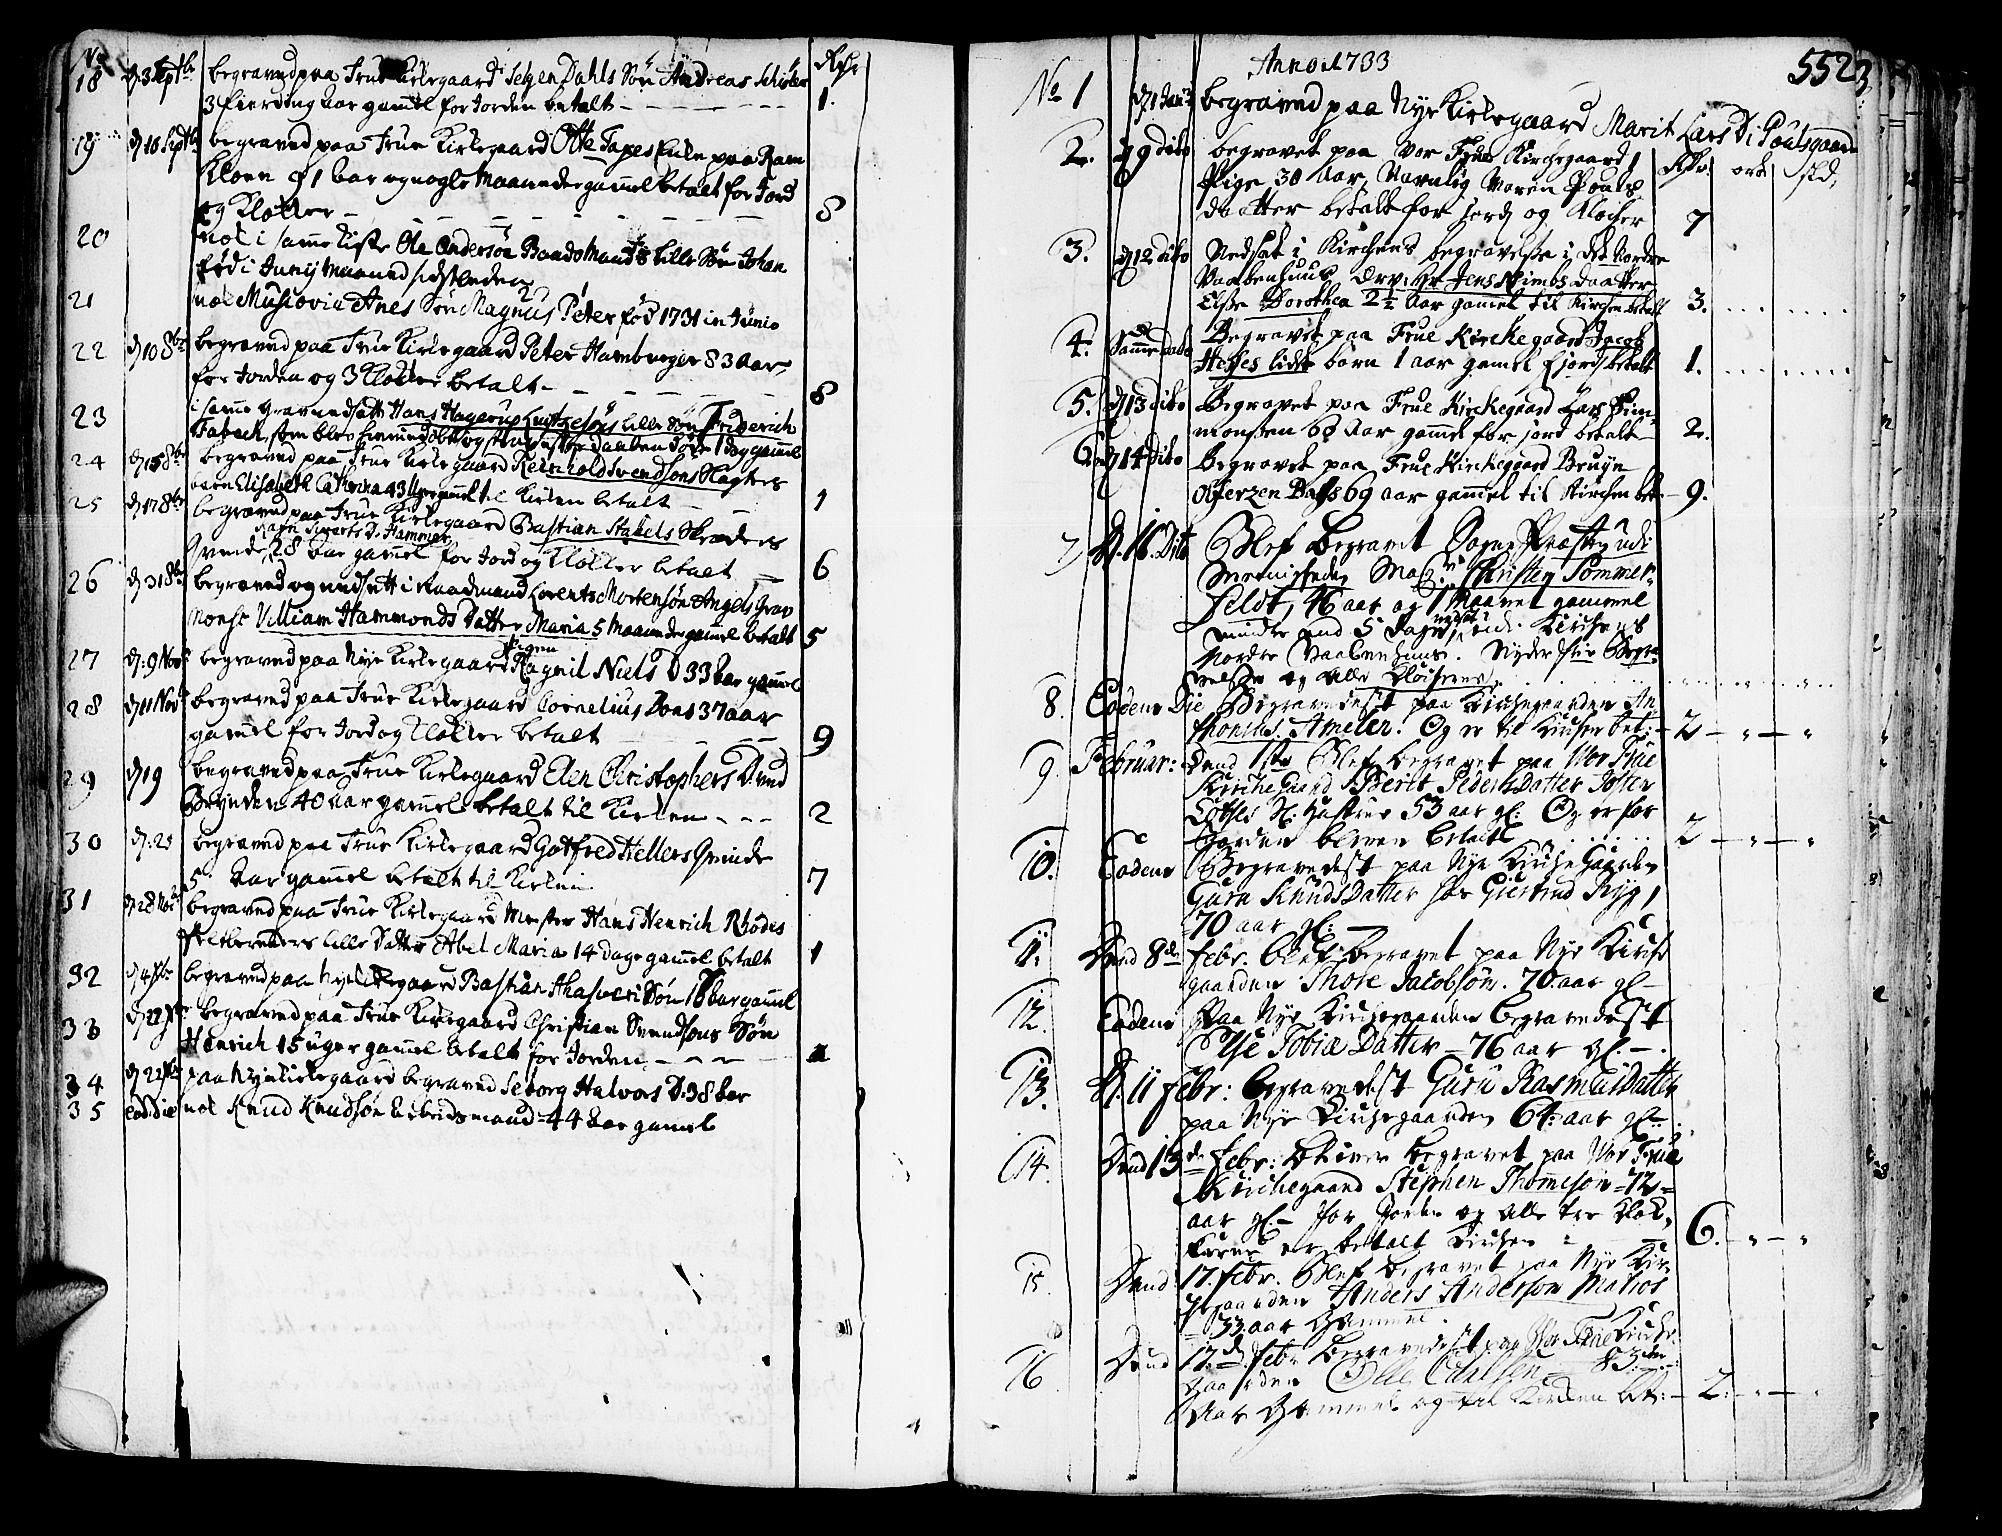 SAT, Ministerialprotokoller, klokkerbøker og fødselsregistre - Sør-Trøndelag, 602/L0103: Ministerialbok nr. 602A01, 1732-1774, s. 552